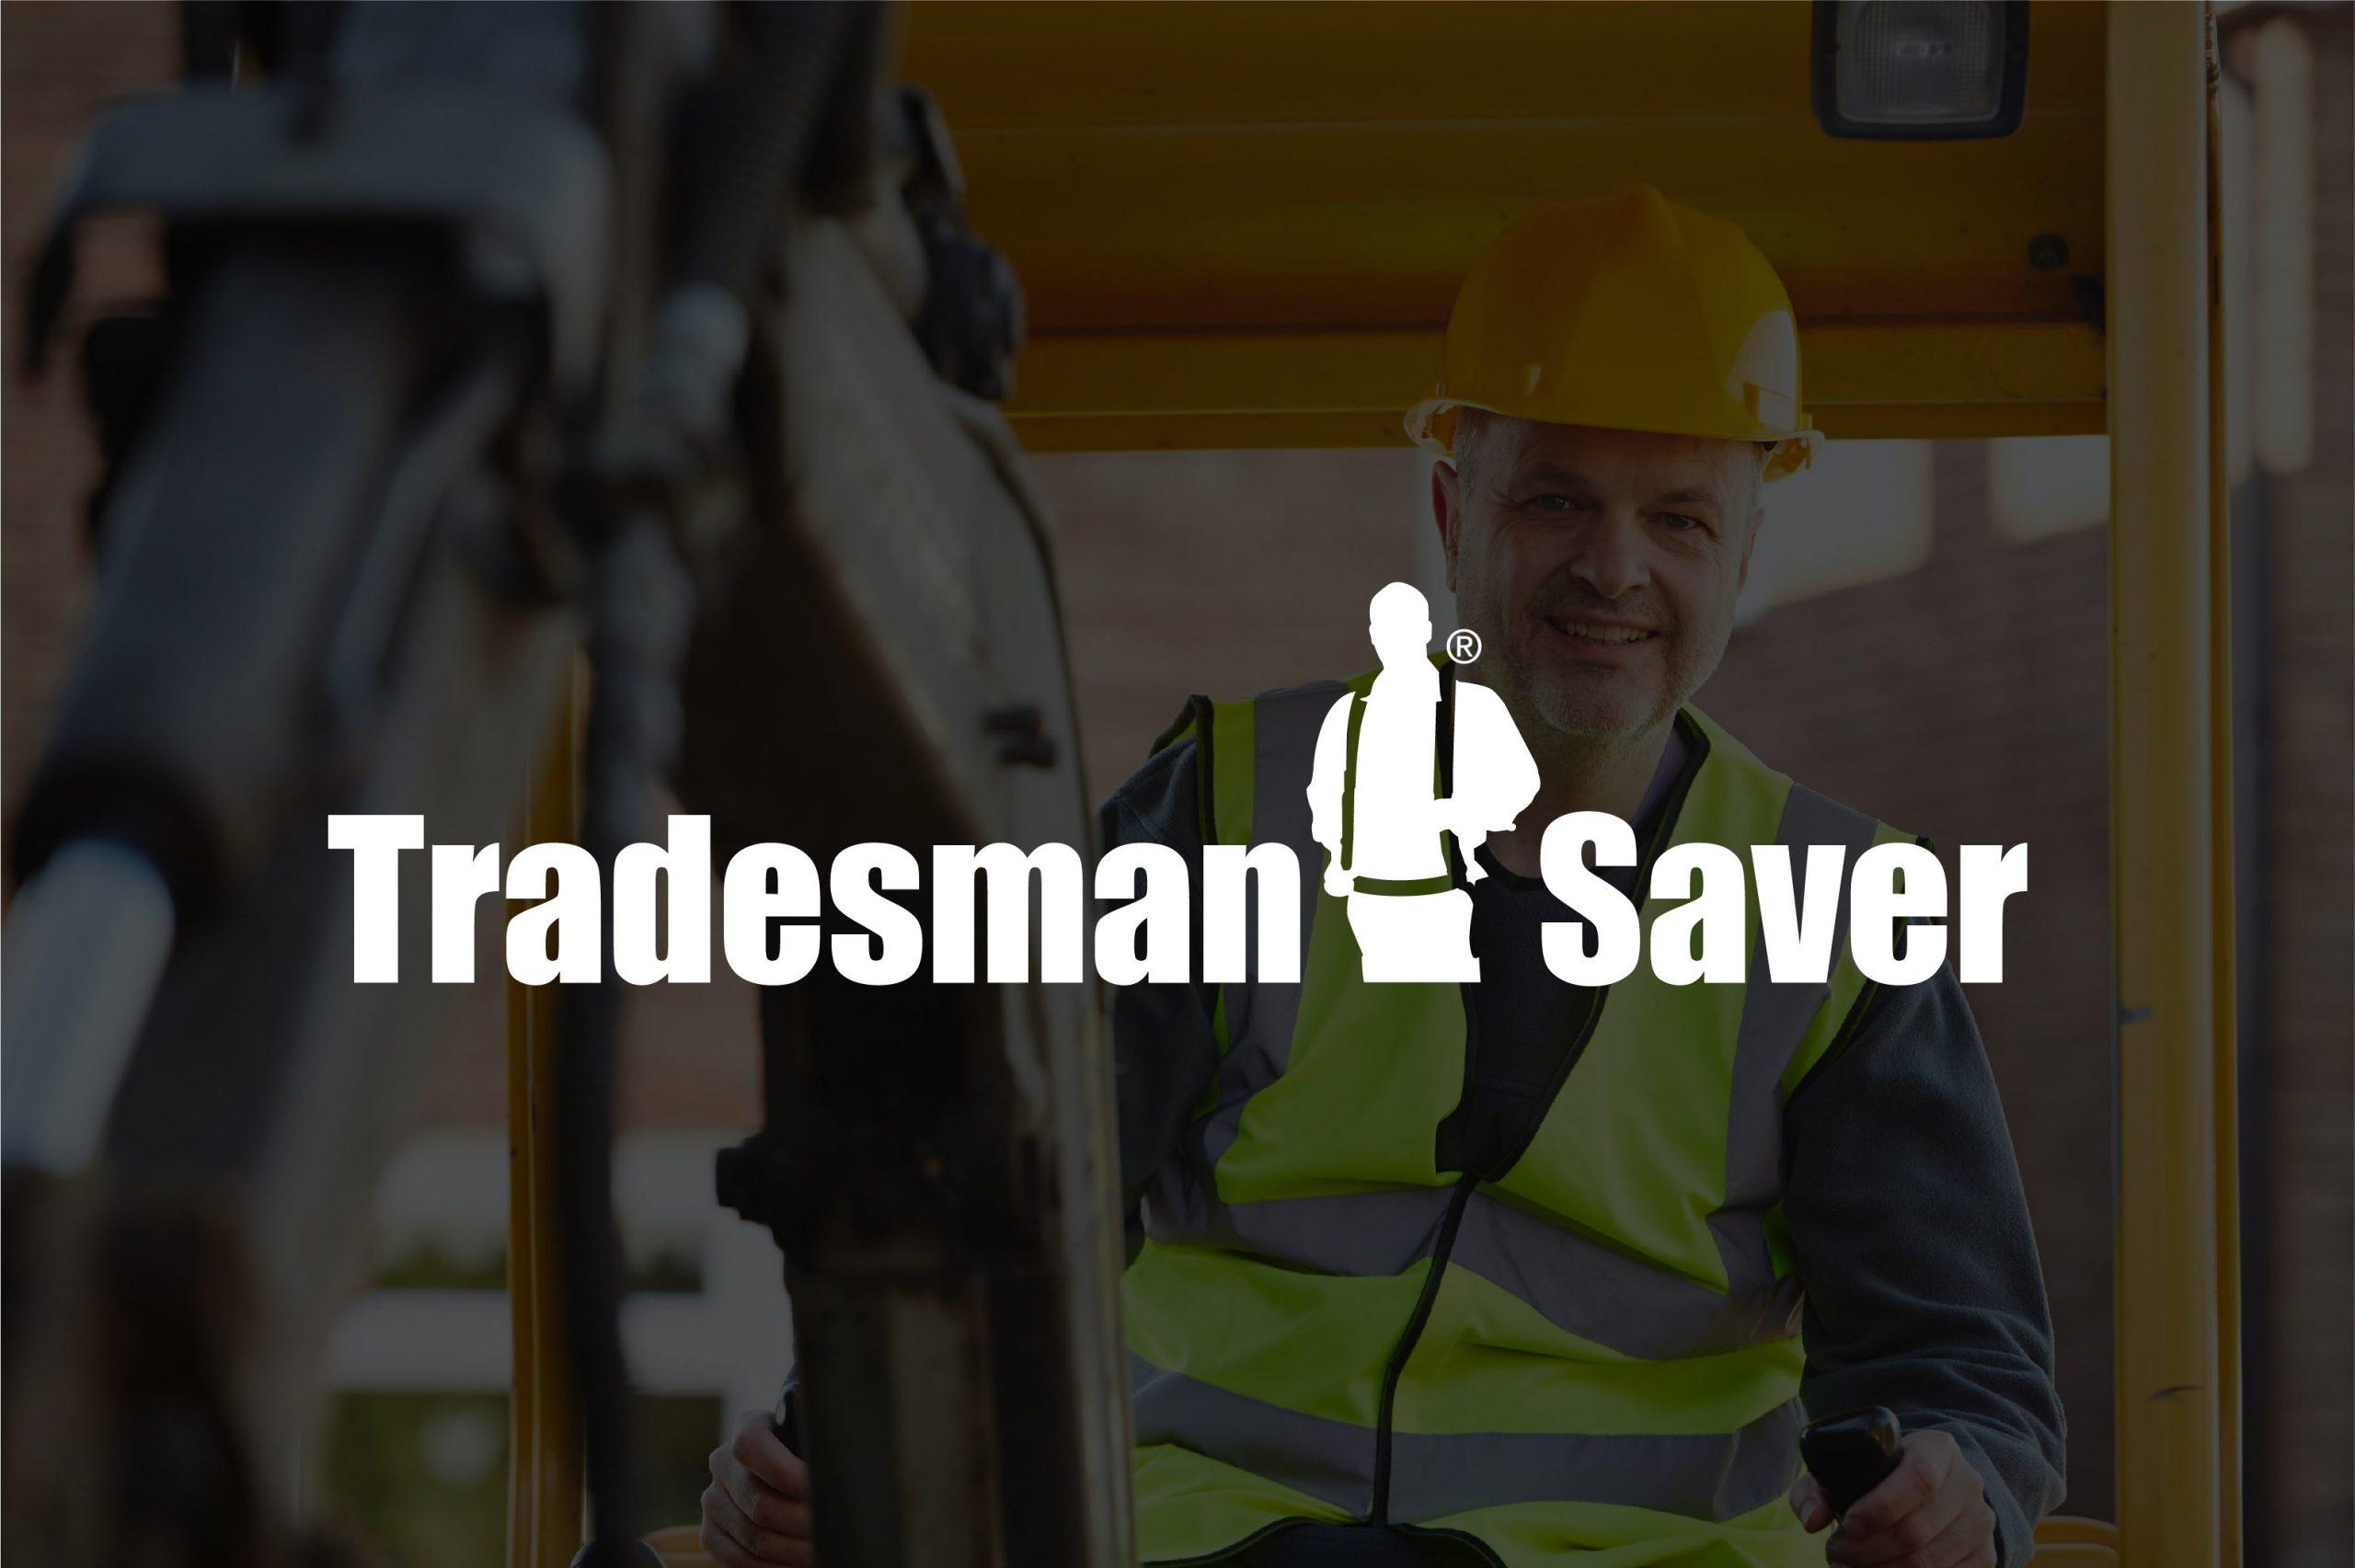 Tradesman Saver